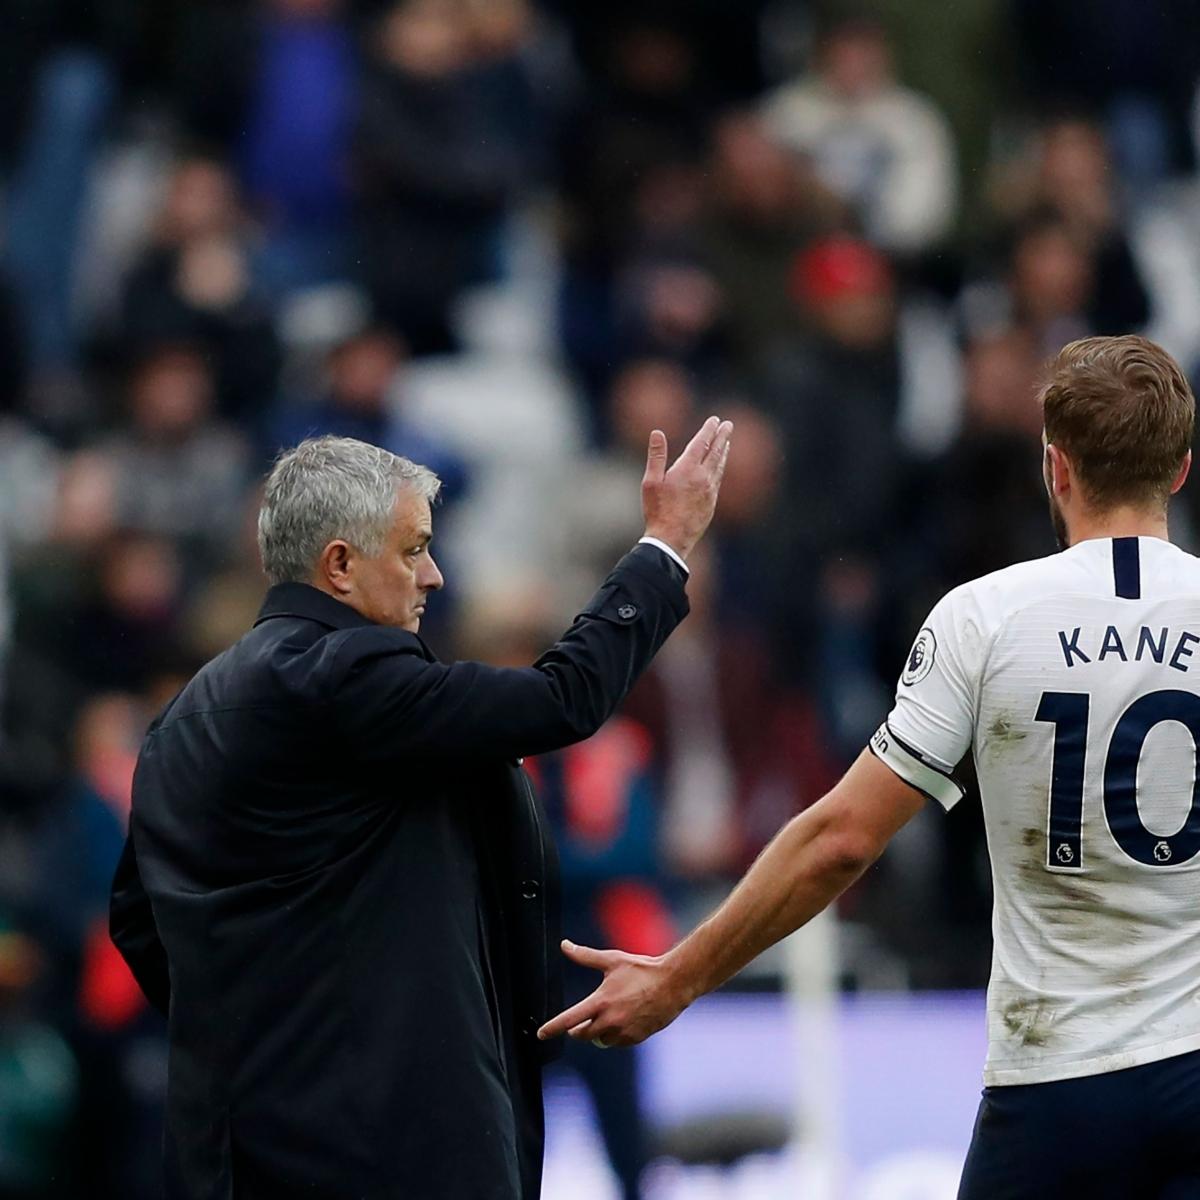 Premier League: Tottenham wins by 3-2 against West Ham United